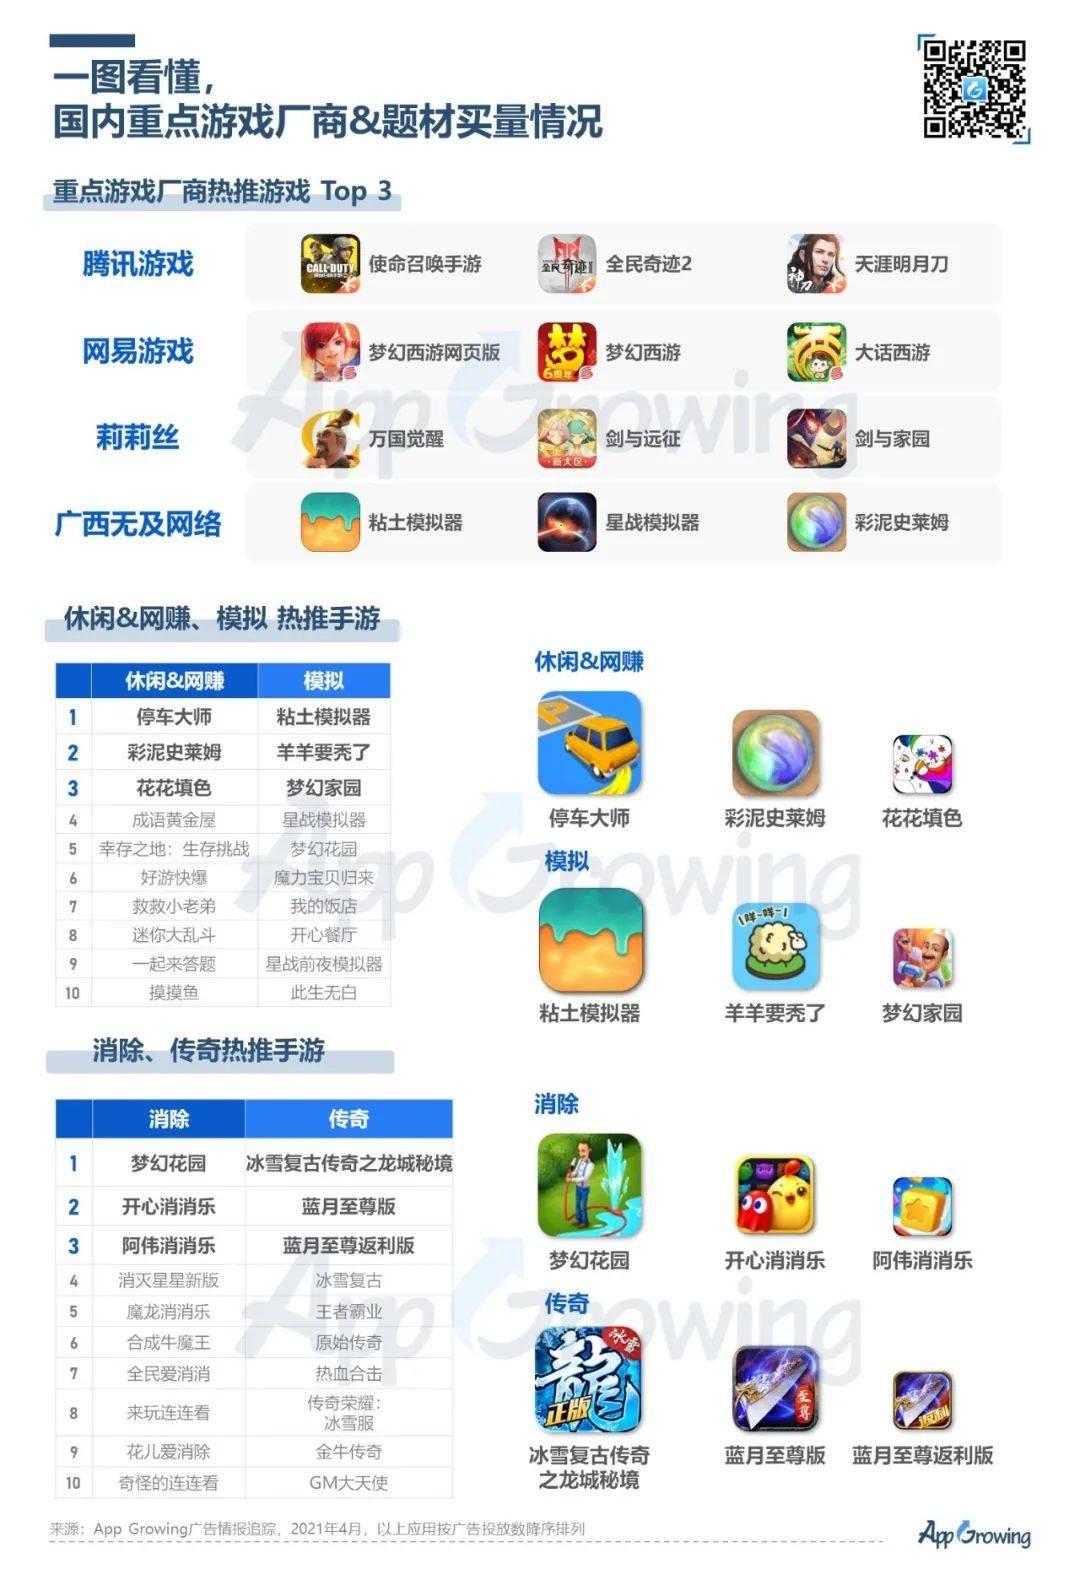 鸟哥笔记,APP推广,App  Growing,趋势,案例,推广策略